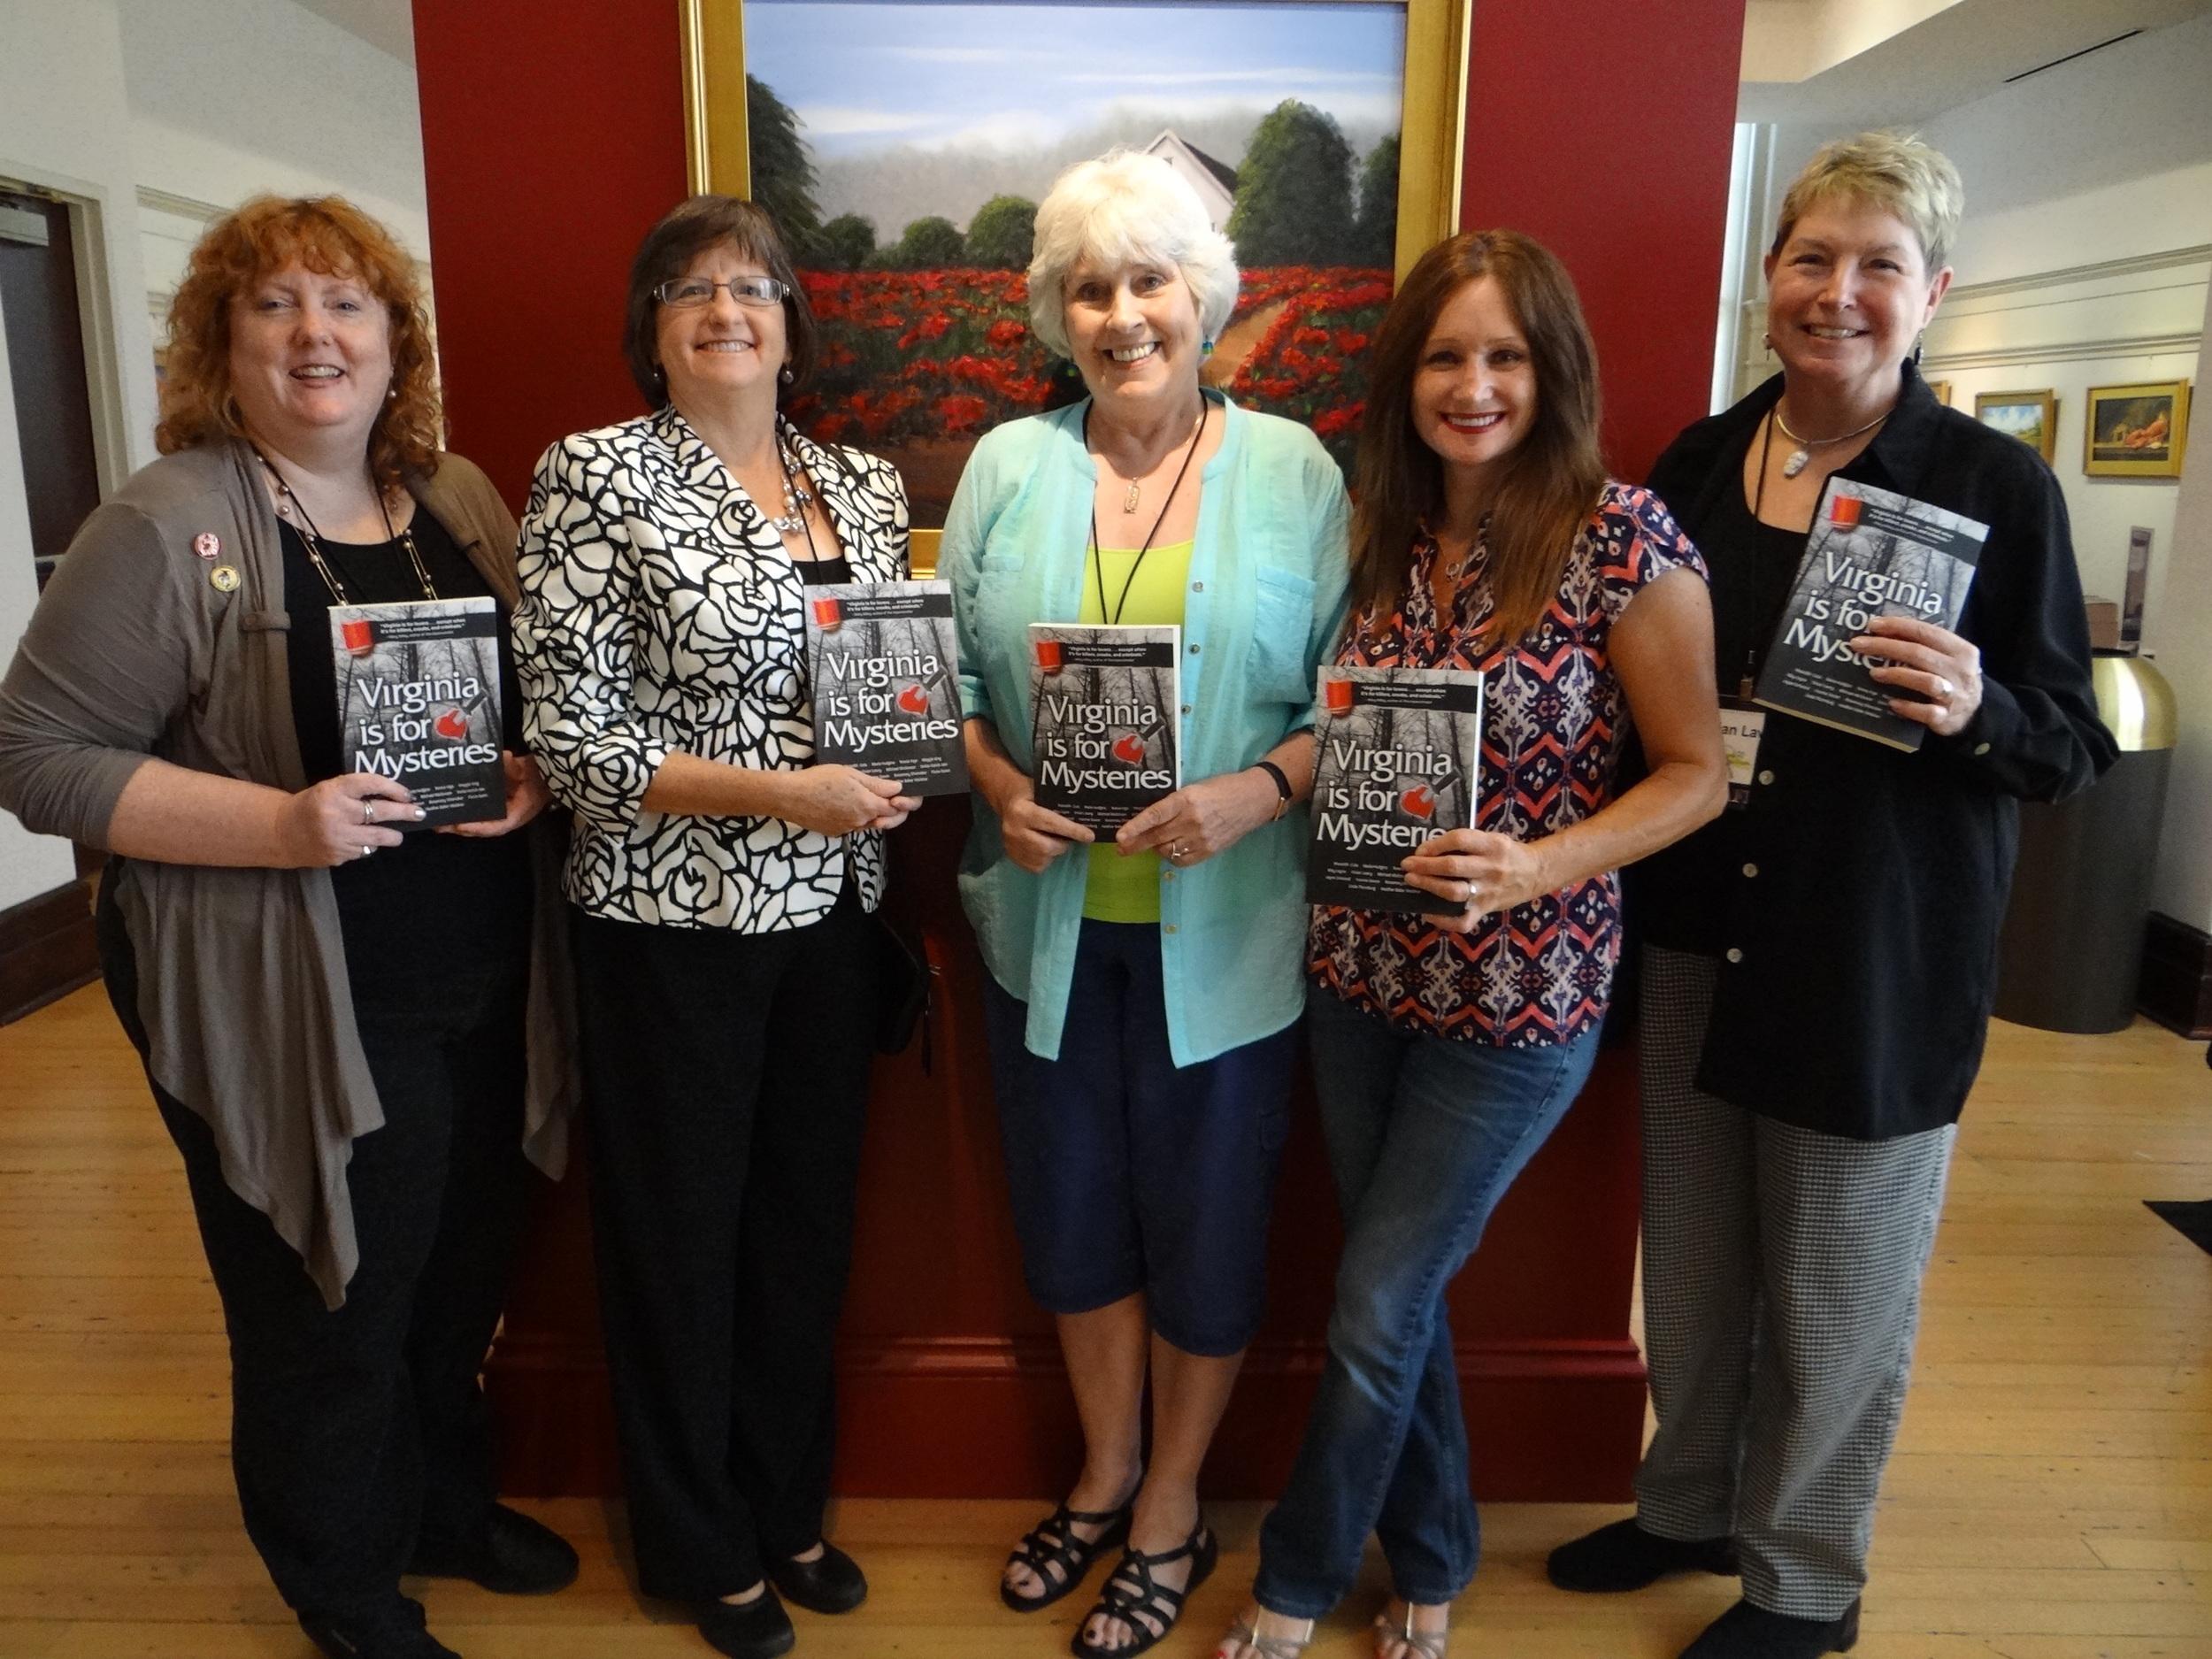 l-r: Heather Weidner, Jayne Ormerod, Maria Hudgins, Teresa Inge, and Vivian Lawry